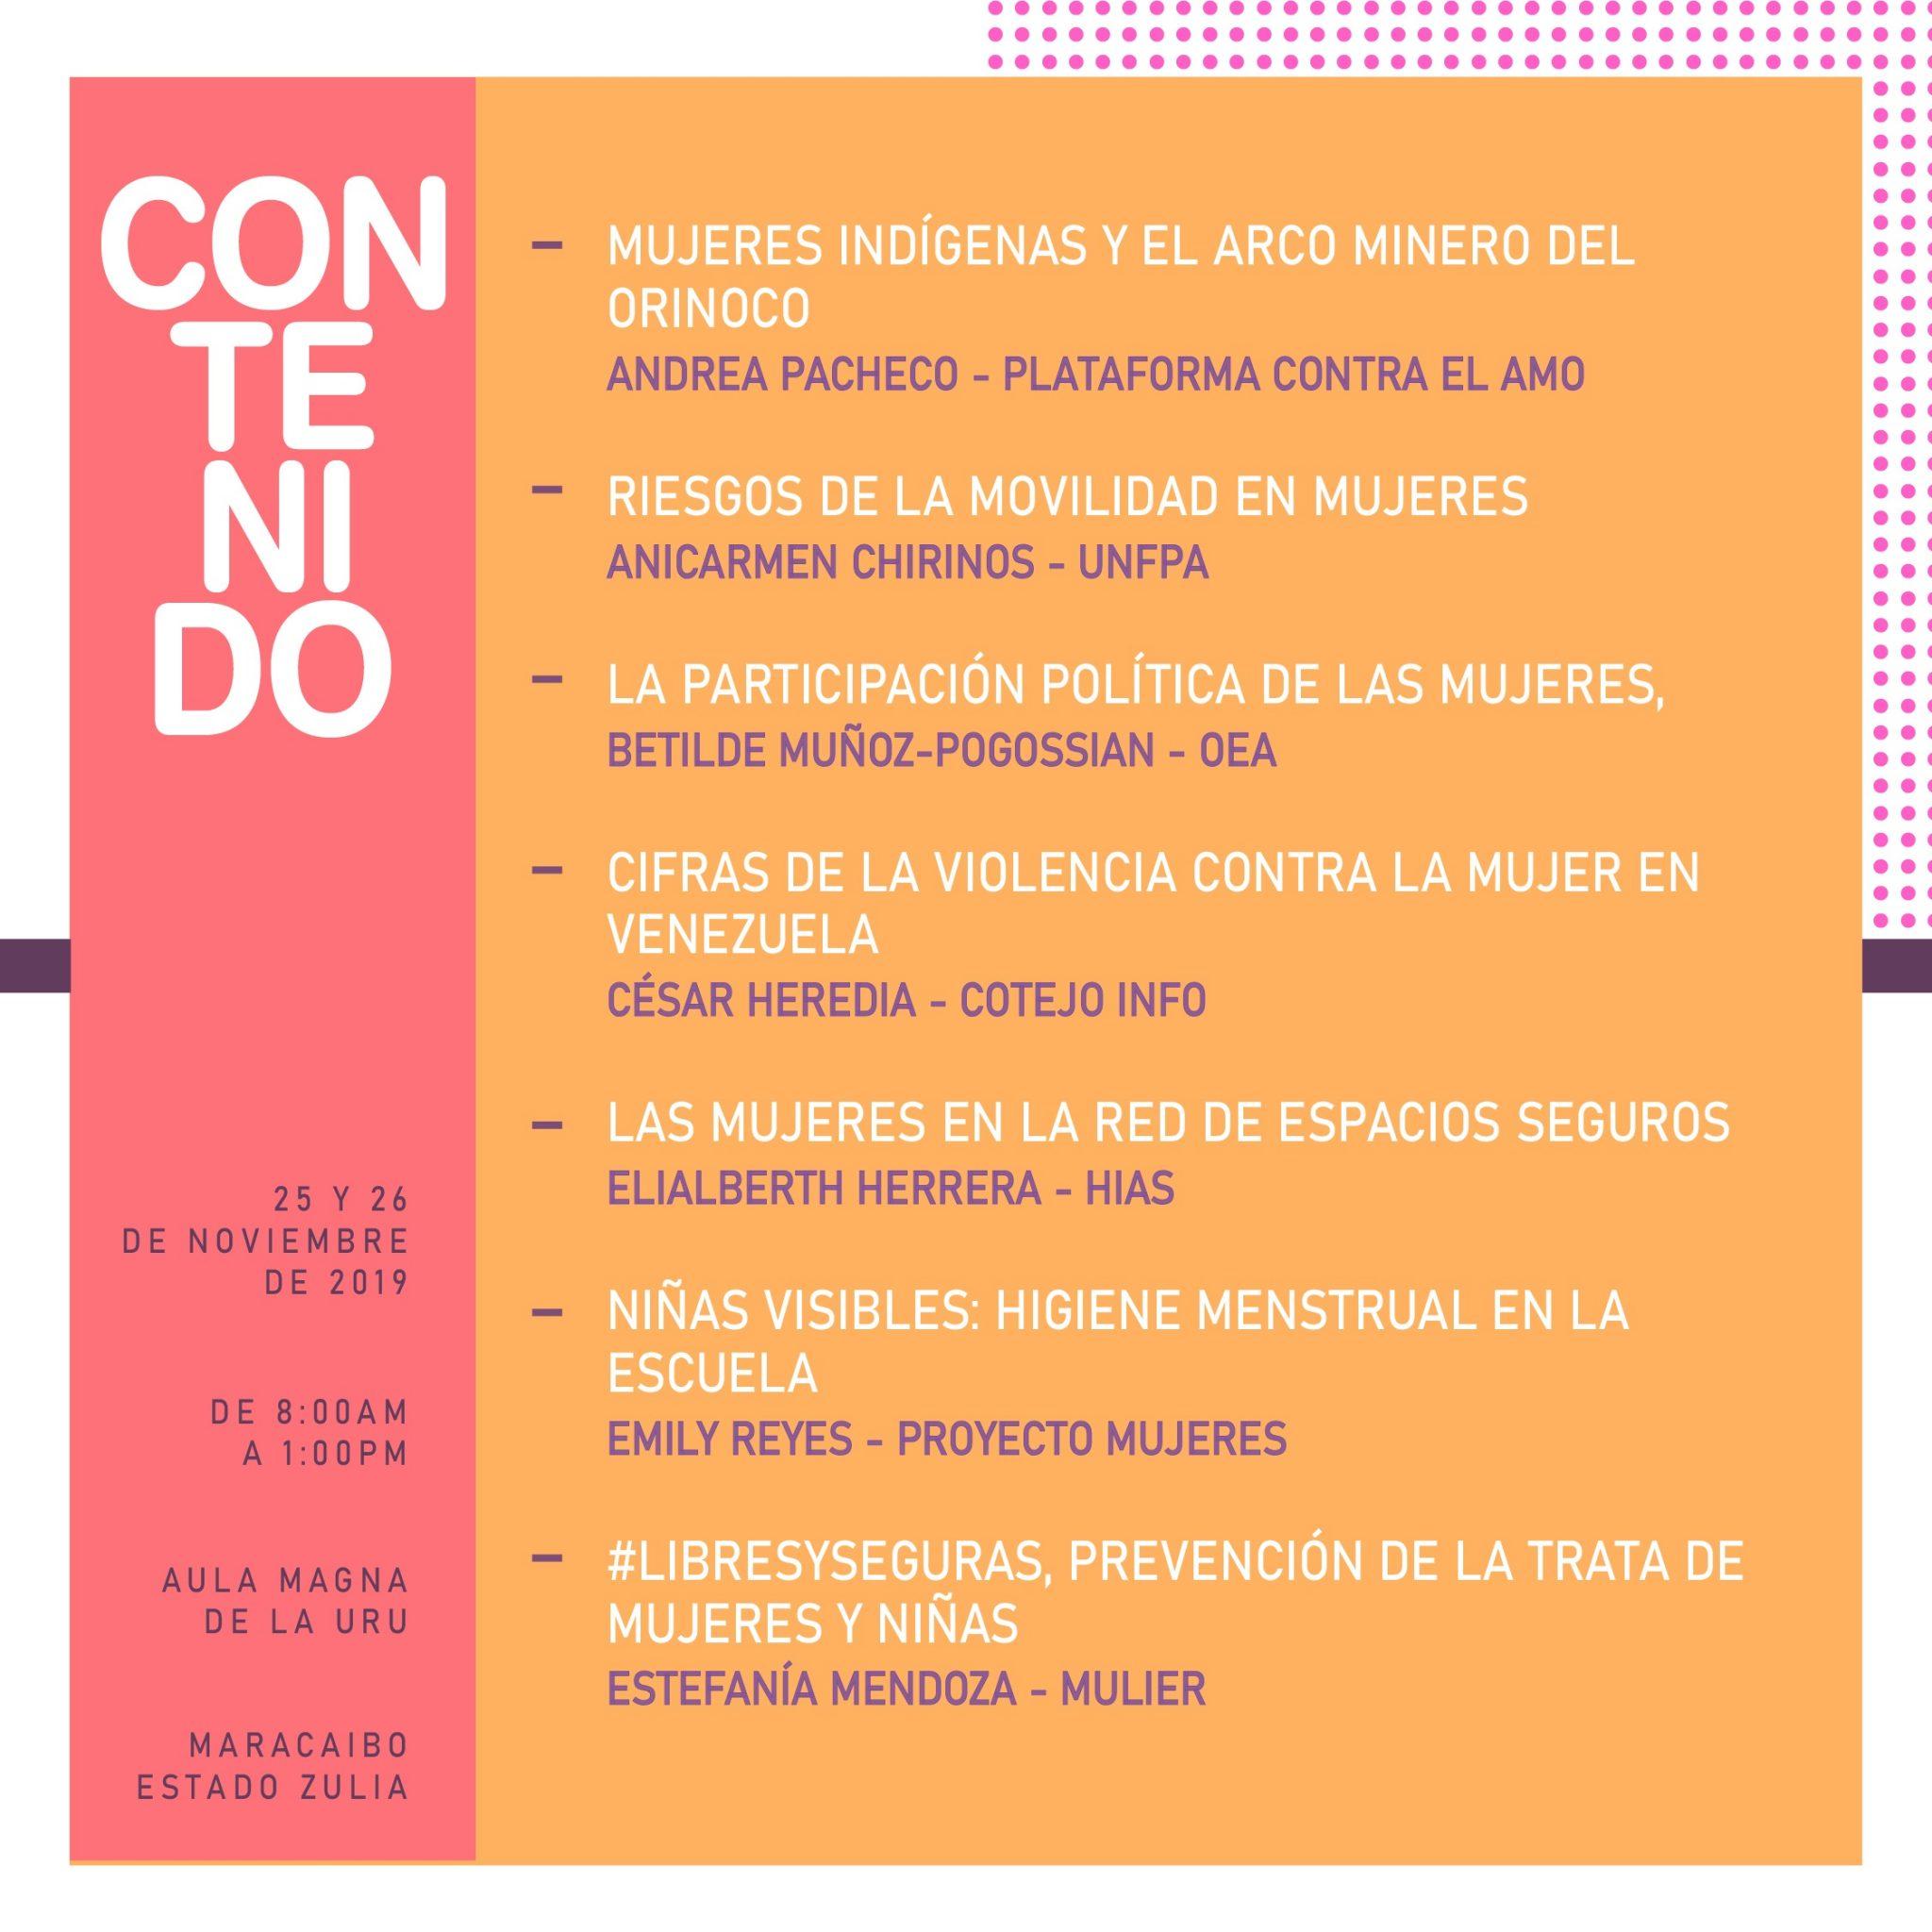 Mulier y Codhez invitan al foro La violencia contra la mujer en Venezuela: Desafíos y propuestas